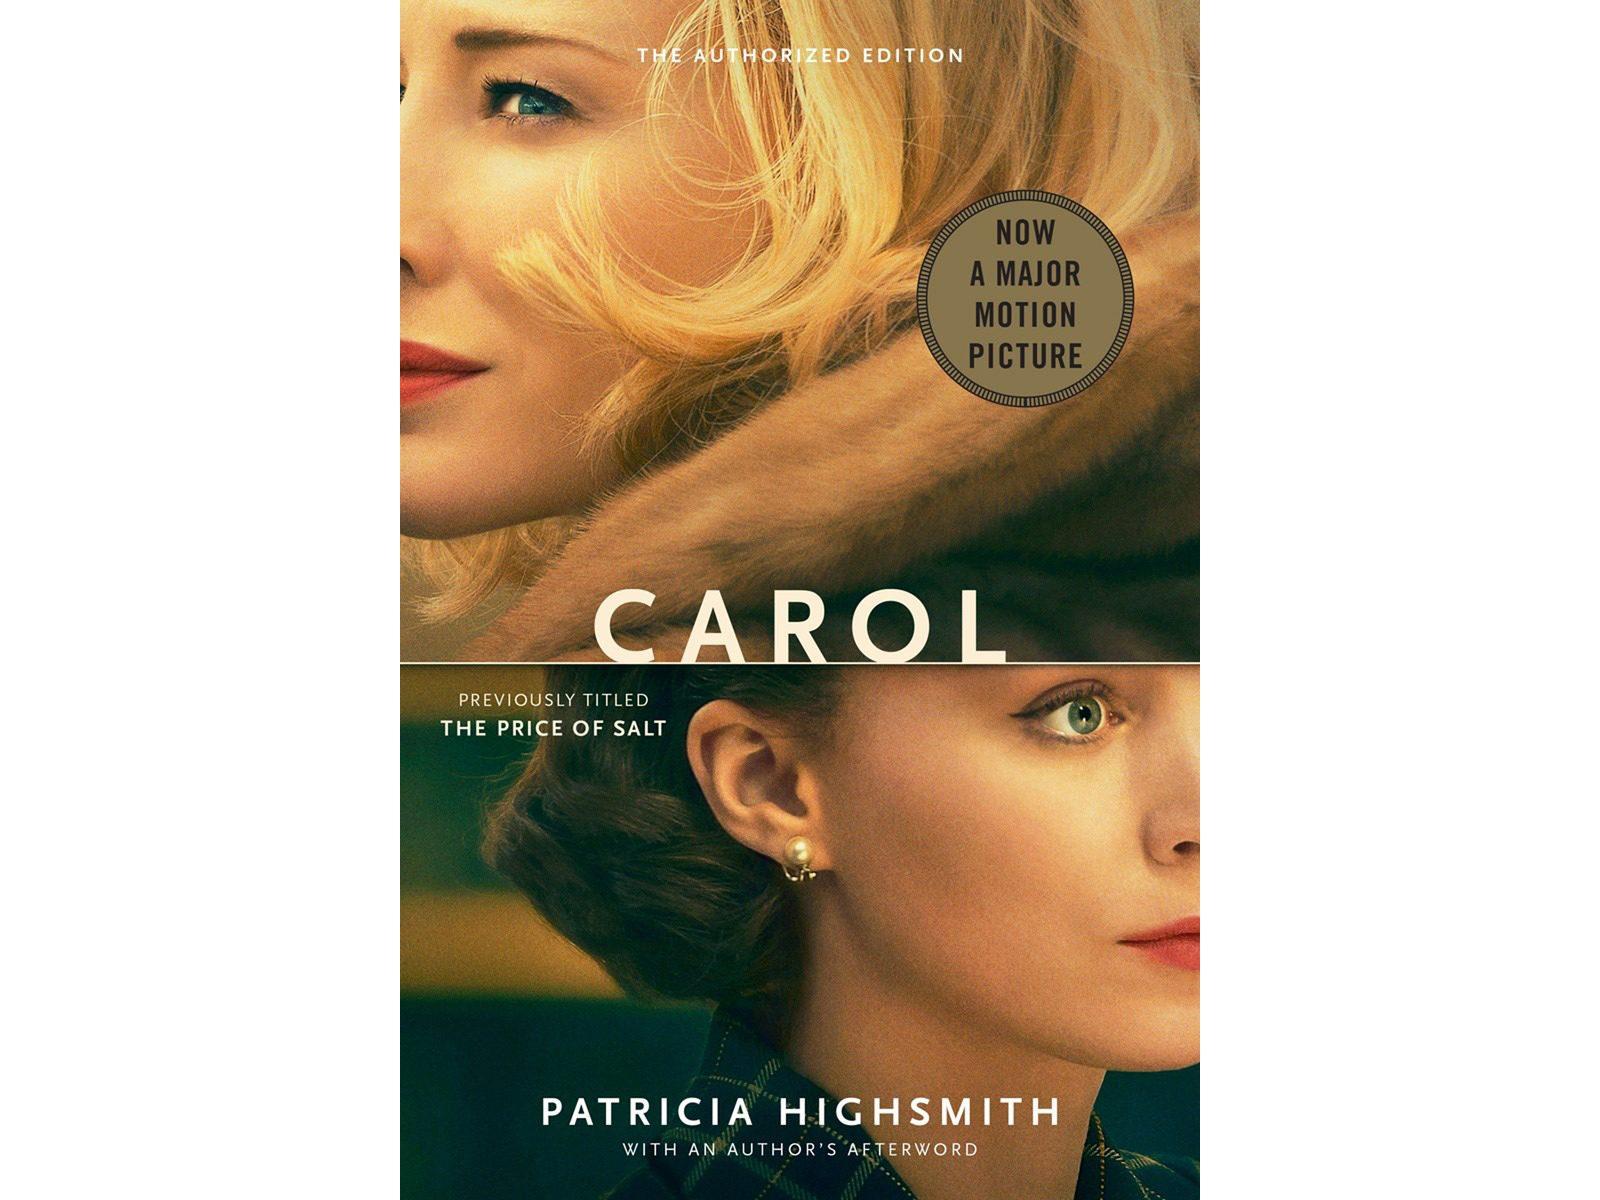 2. Carol by Patricia Highsmith